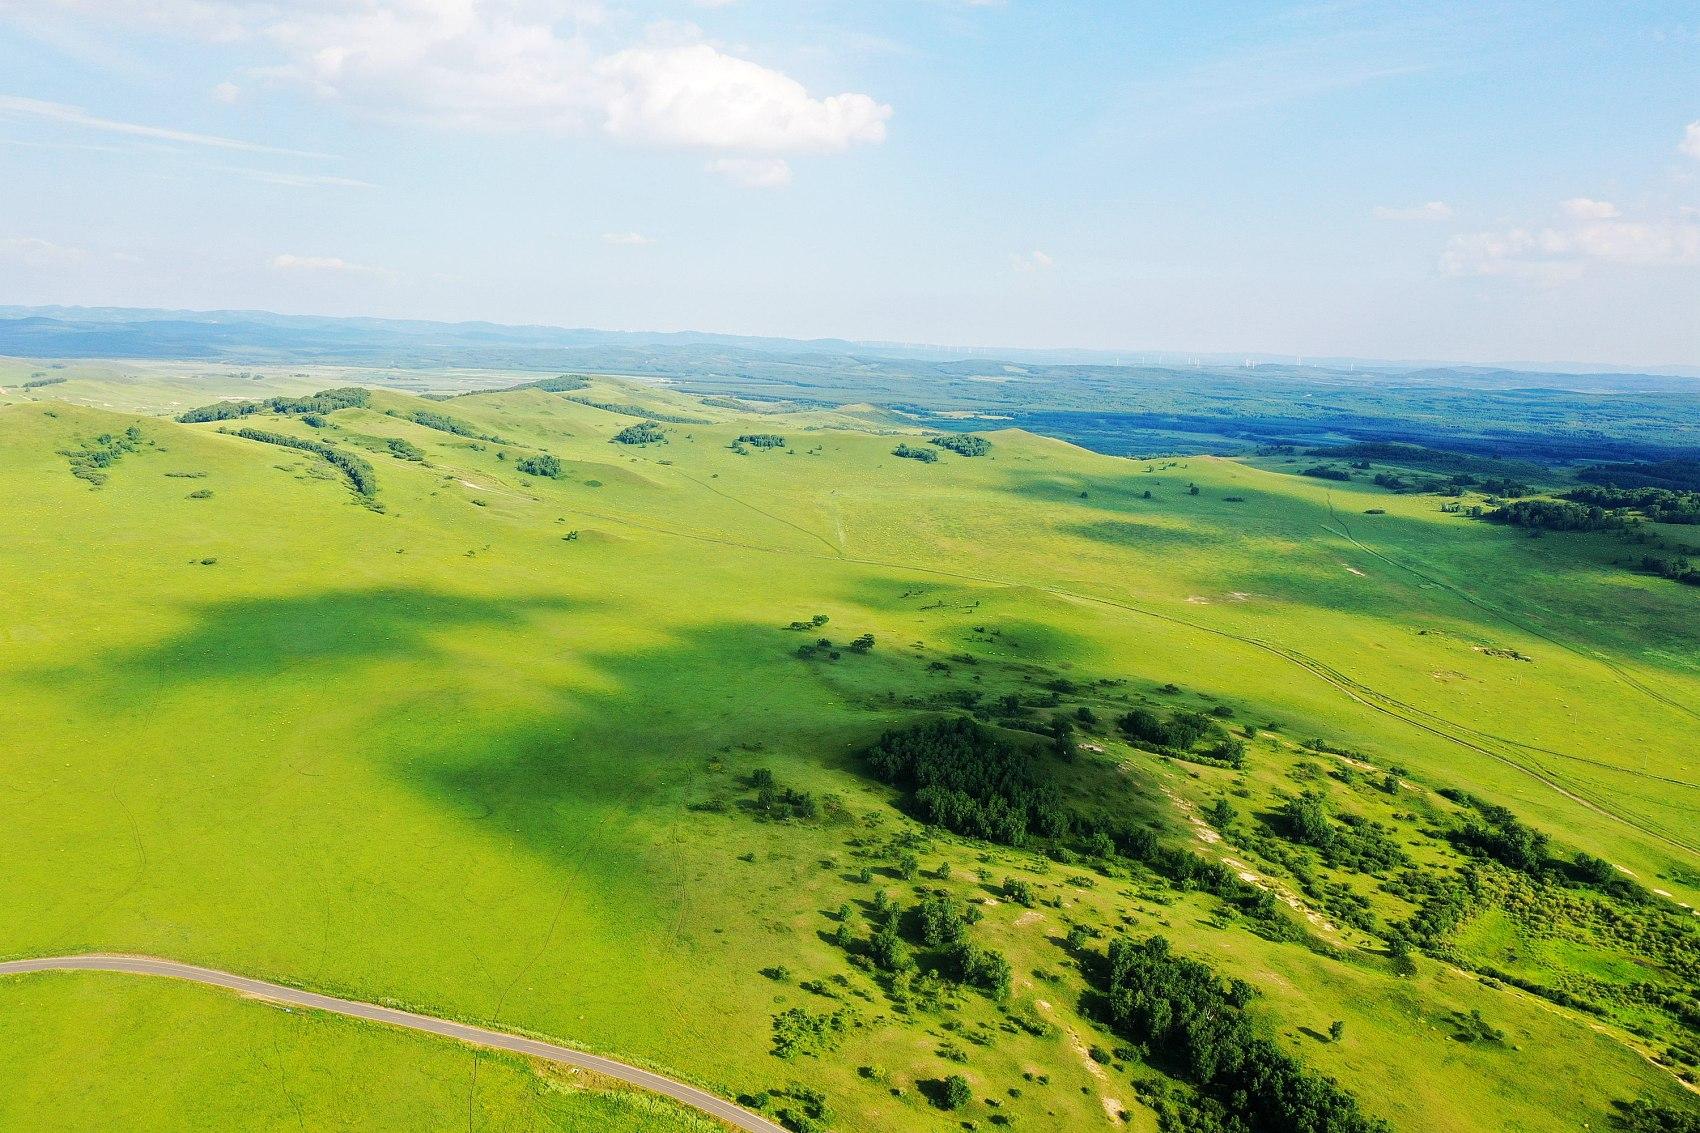 Inner Mongolia sees rising vegetation coverage of grasslands